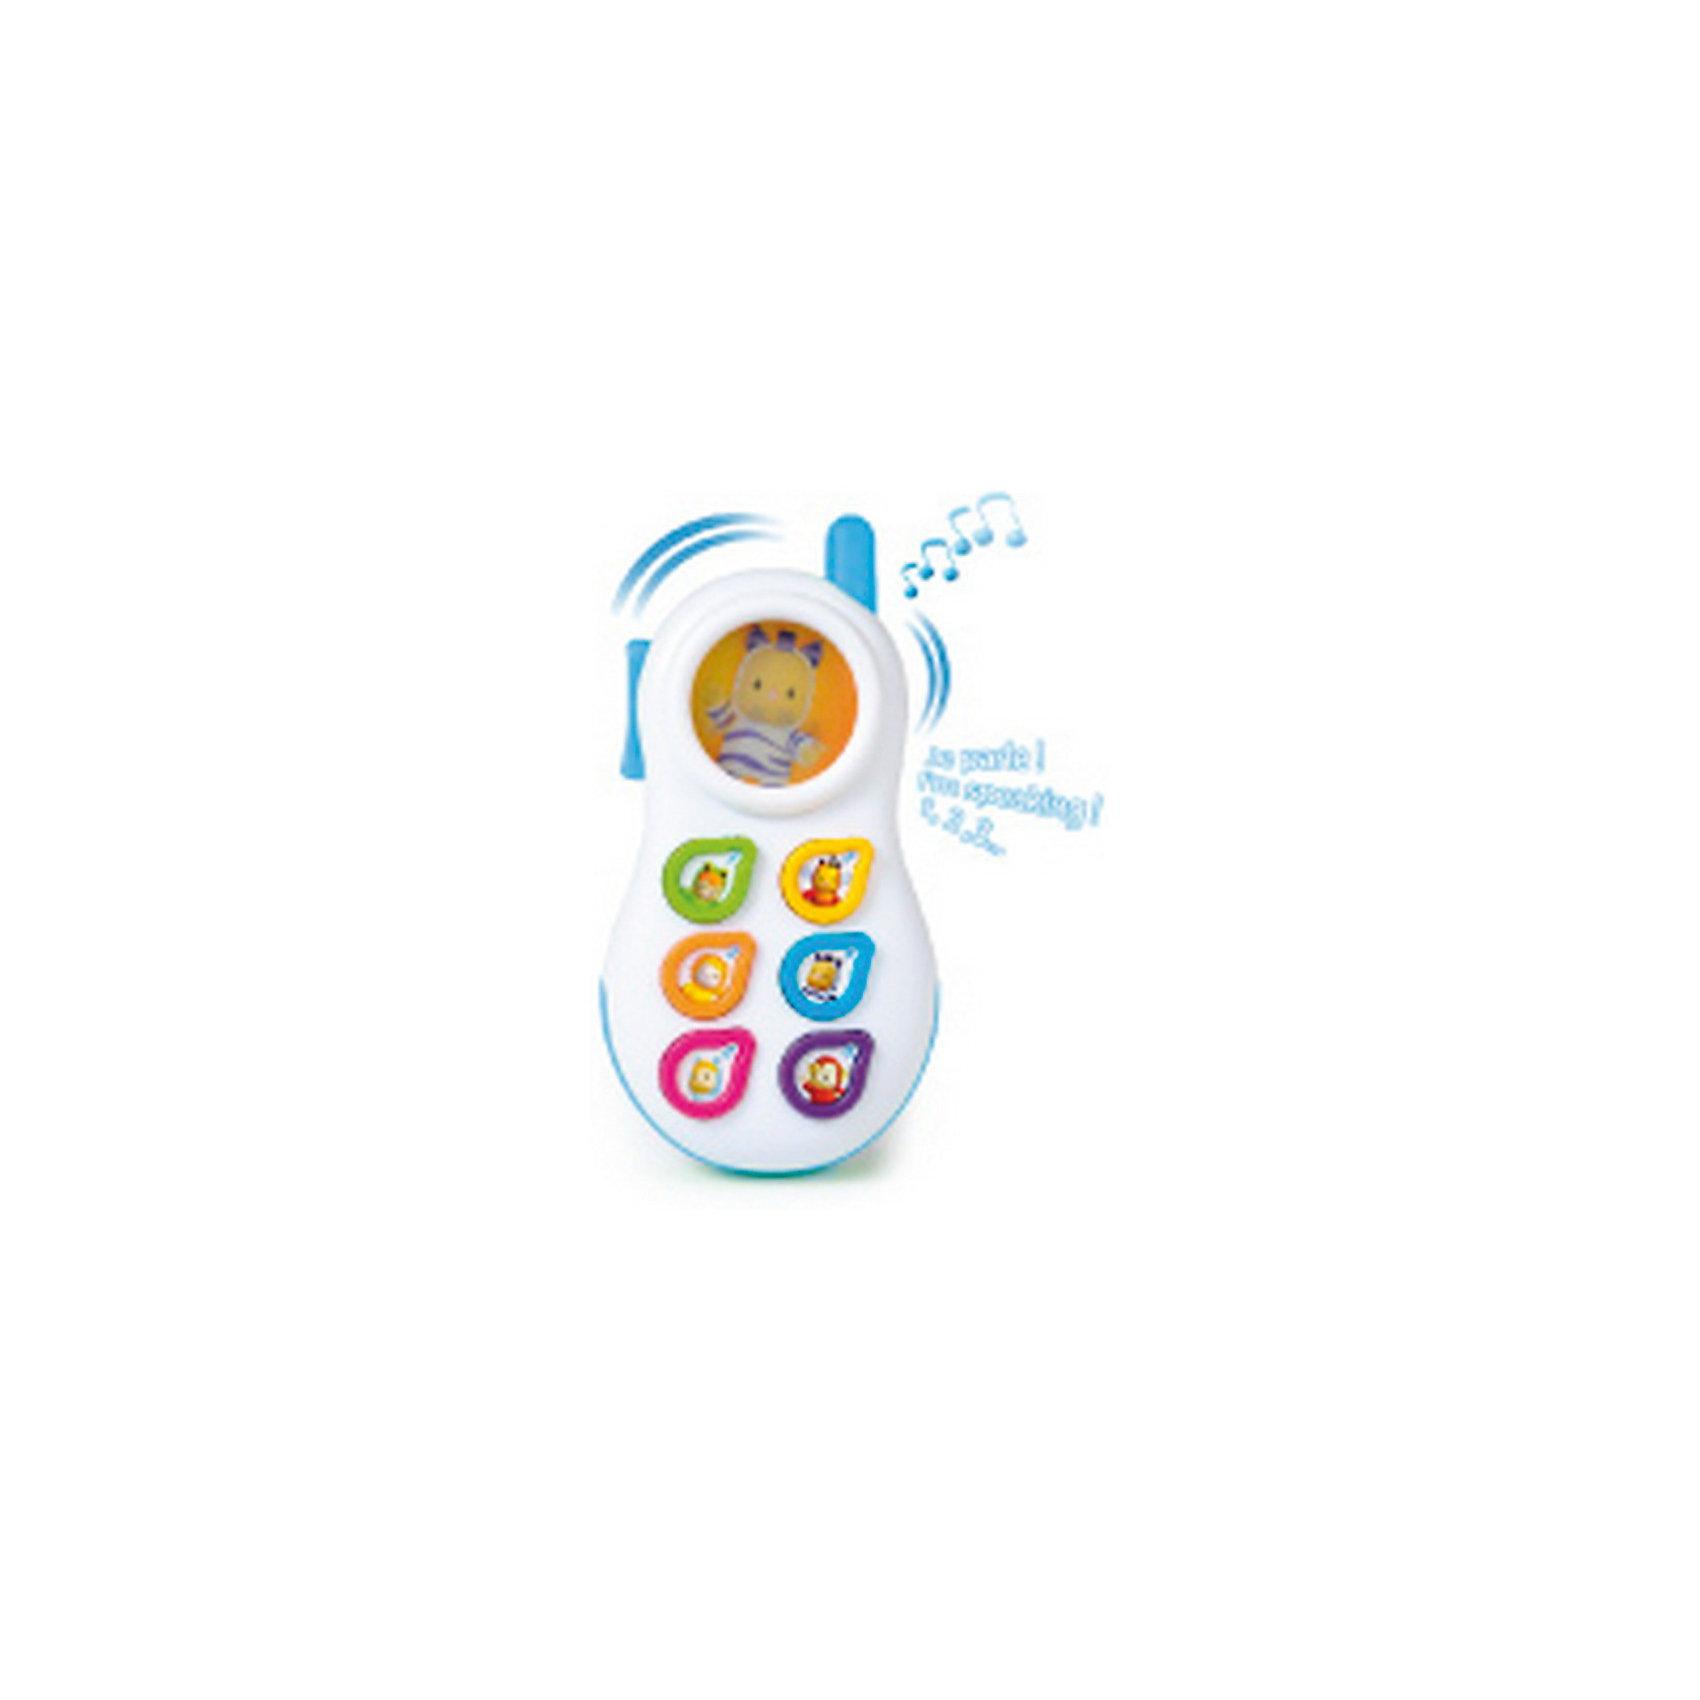 Smoby Smoby Cotoons Телефон со светом и звуком развивающие игрушки smoby пирамидка cotoons